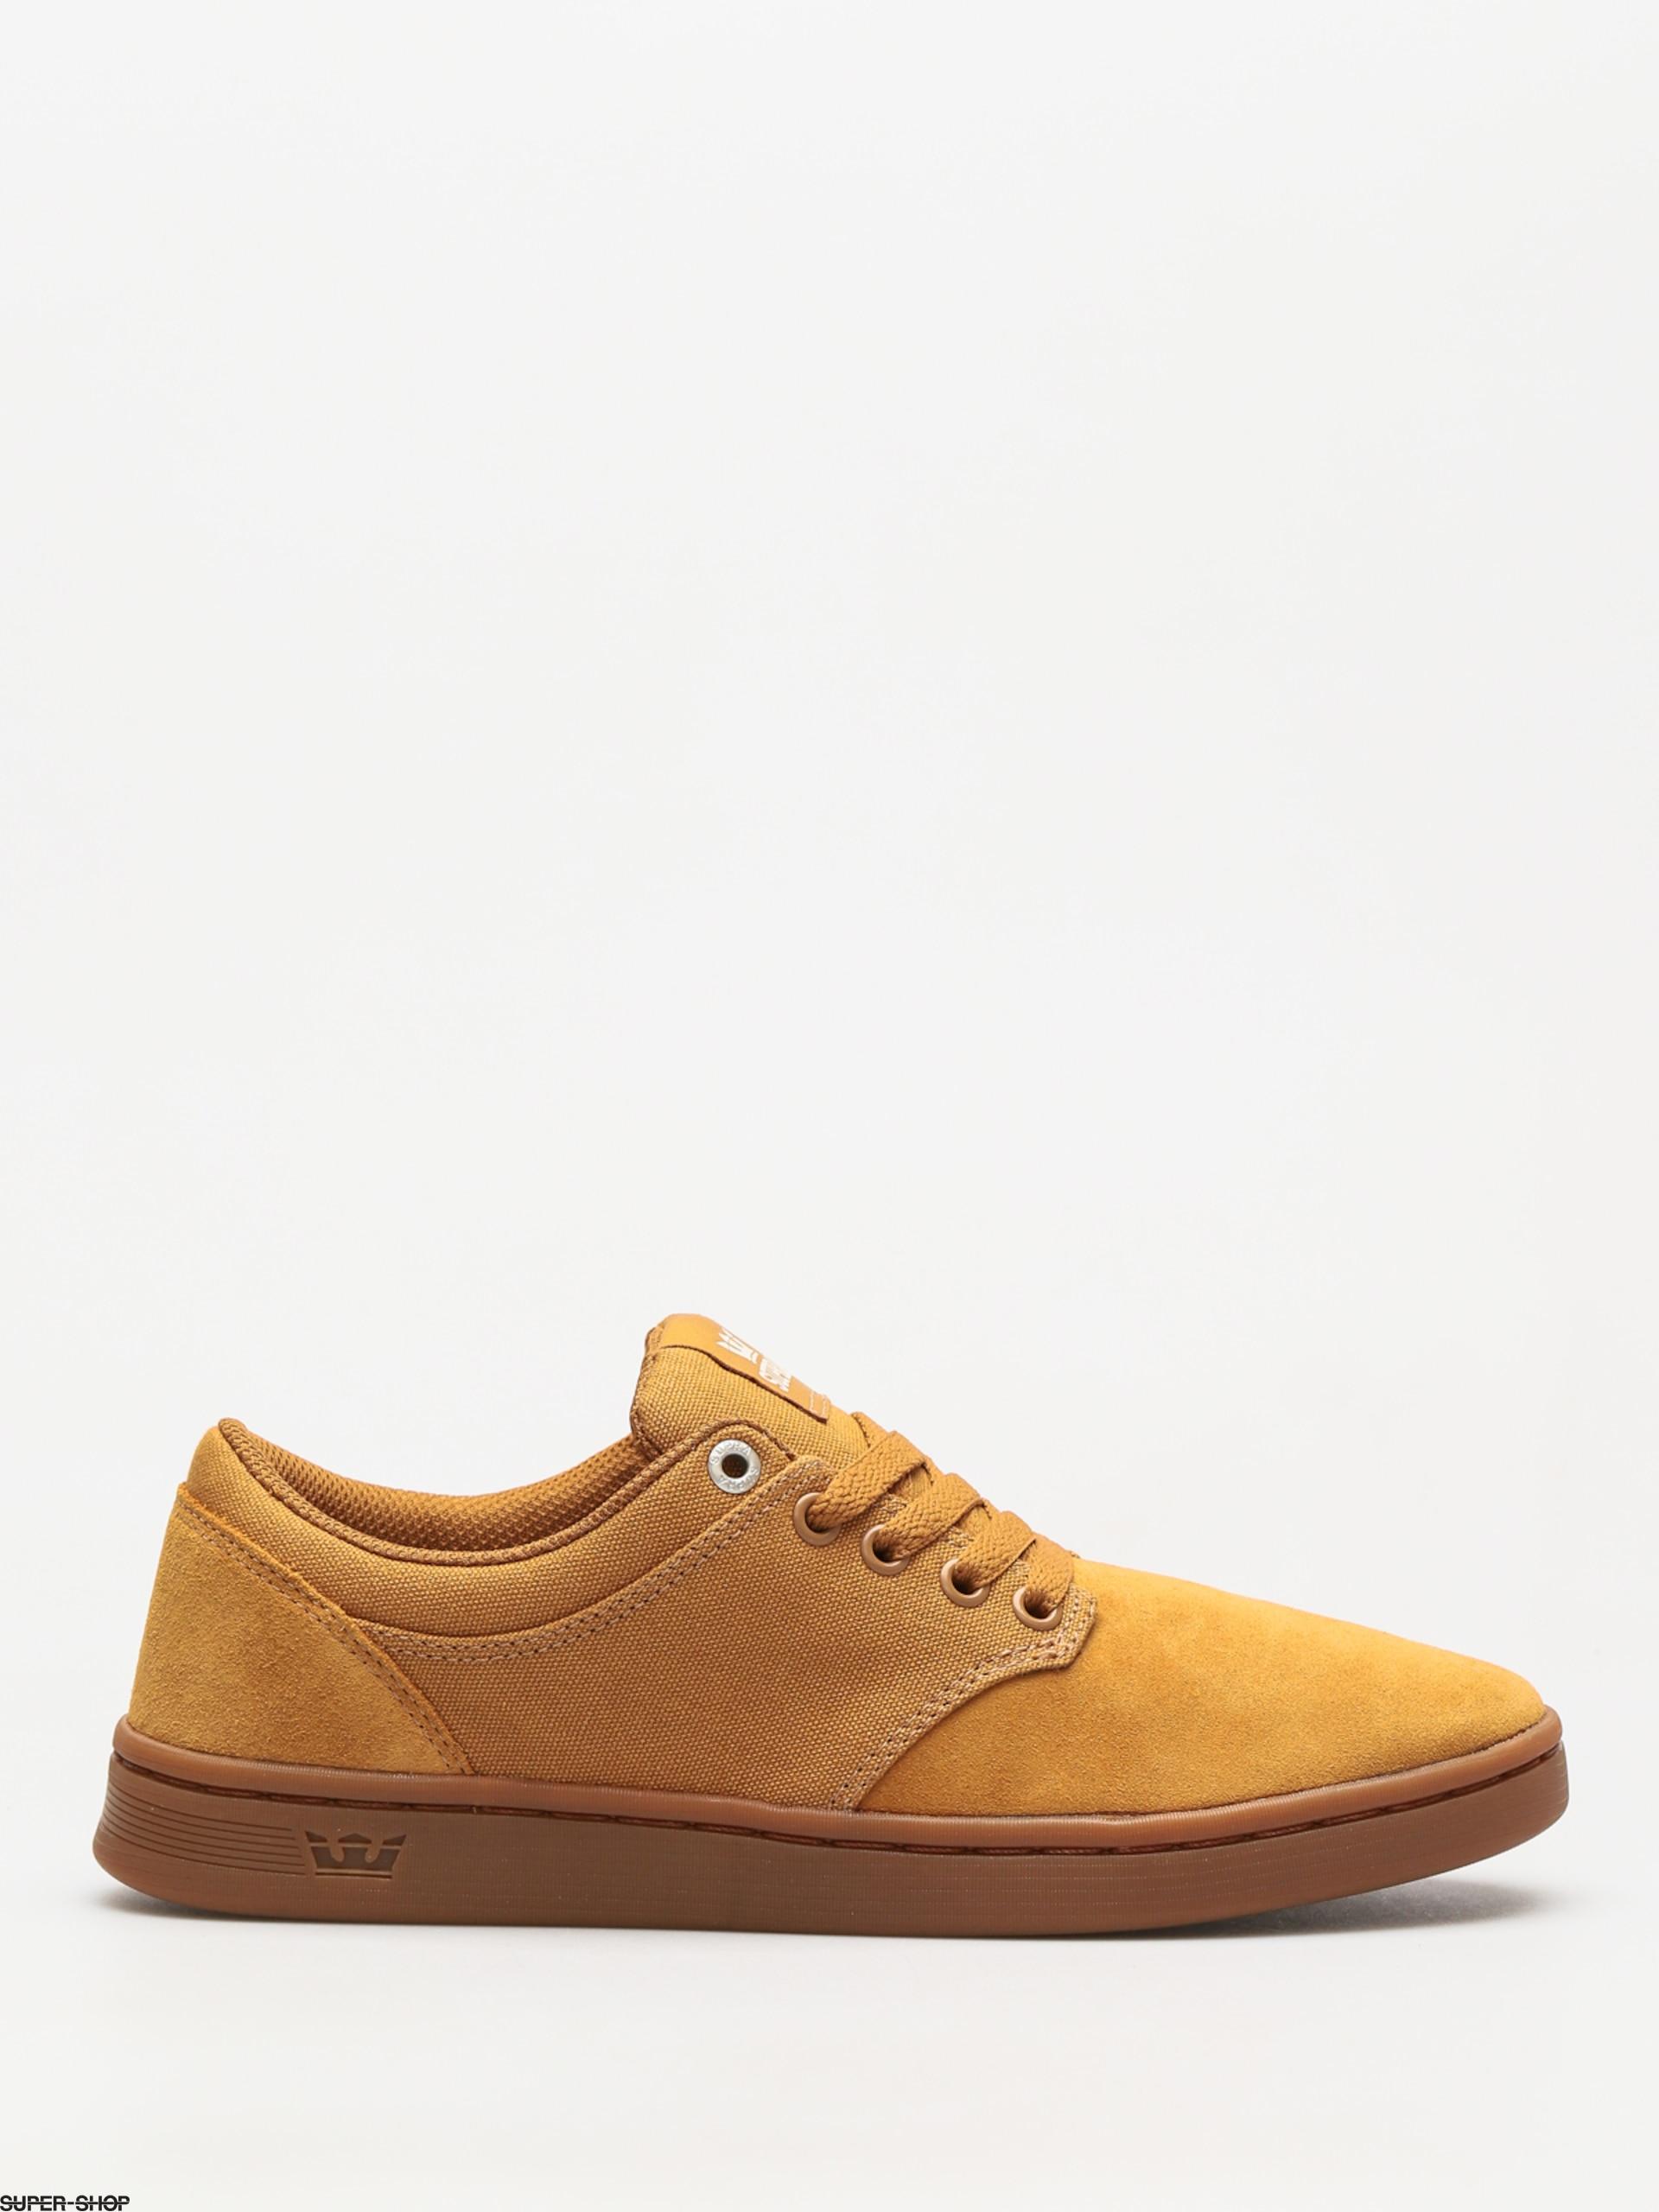 115dfea7a7 Supra Schuhe Chino Court (tan gum)